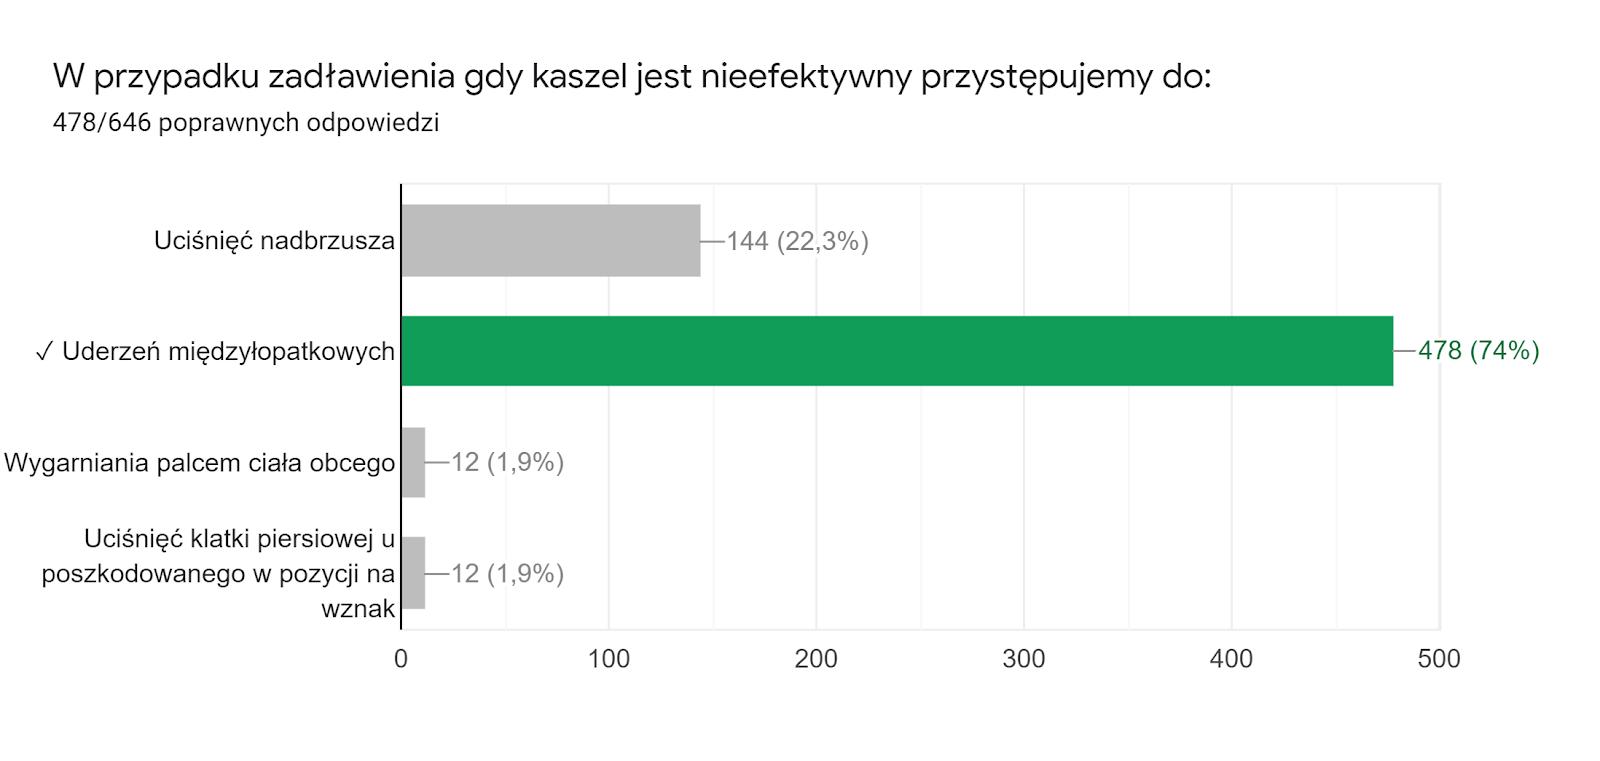 Wykres odpowiedzi z Formularzy. Tytuł pytania: W przypadku zadławienia gdy kaszel jest nieefektywny przystępujemy do:. Liczba odpowiedzi: 478/646 poprawnych odpowiedzi.